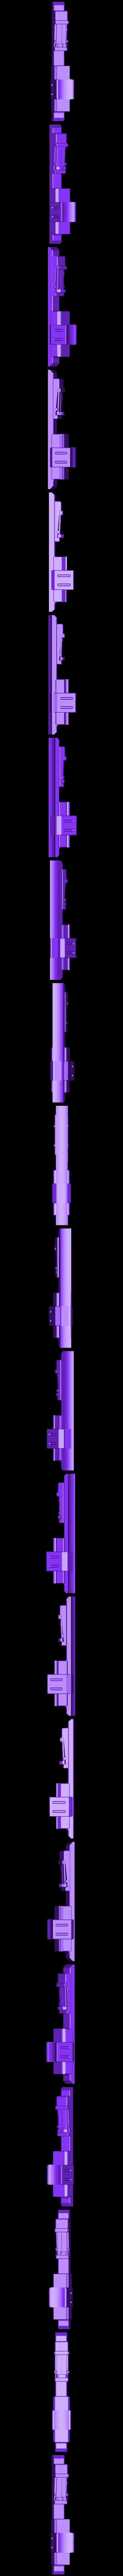 sightrail.stl Download STL file Storm Trooper Blastech SE-14R Blaster Prop • 3D print model, McClaryDesign